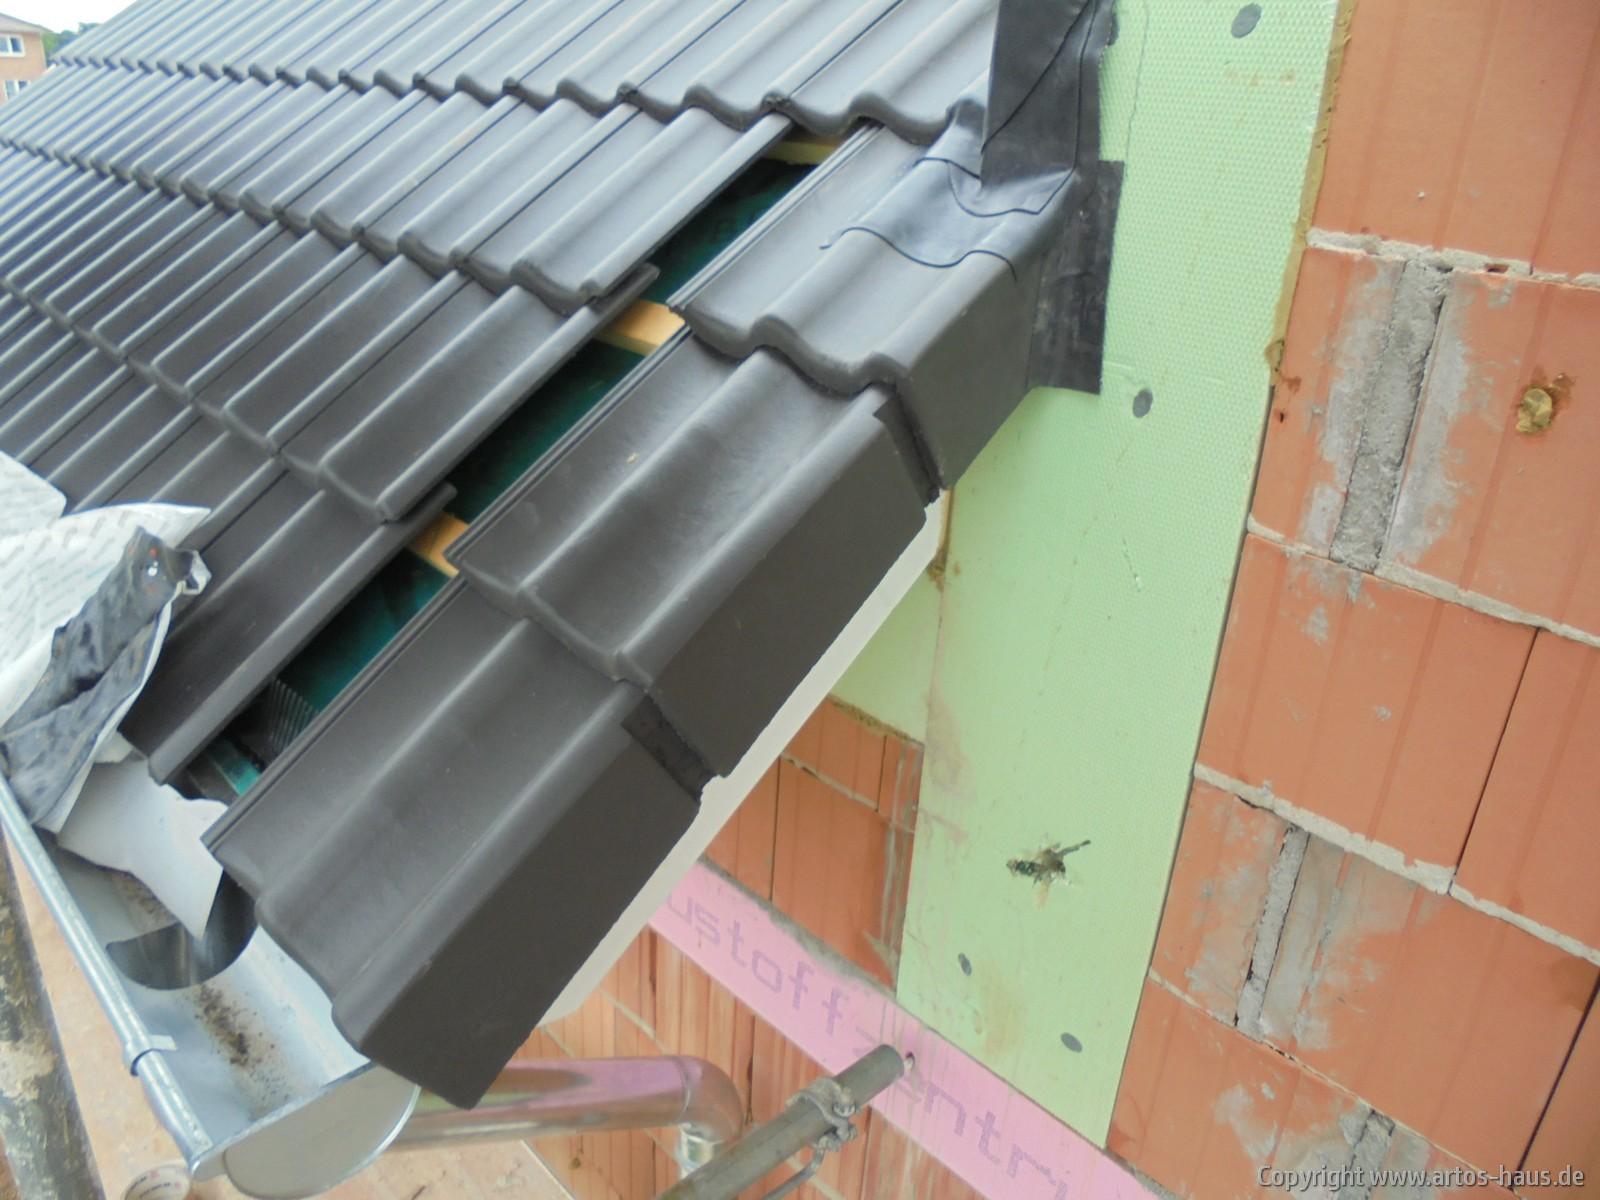 Dacheindeckung BV Korschenbroich | ARTOS-HAUS Bild 3